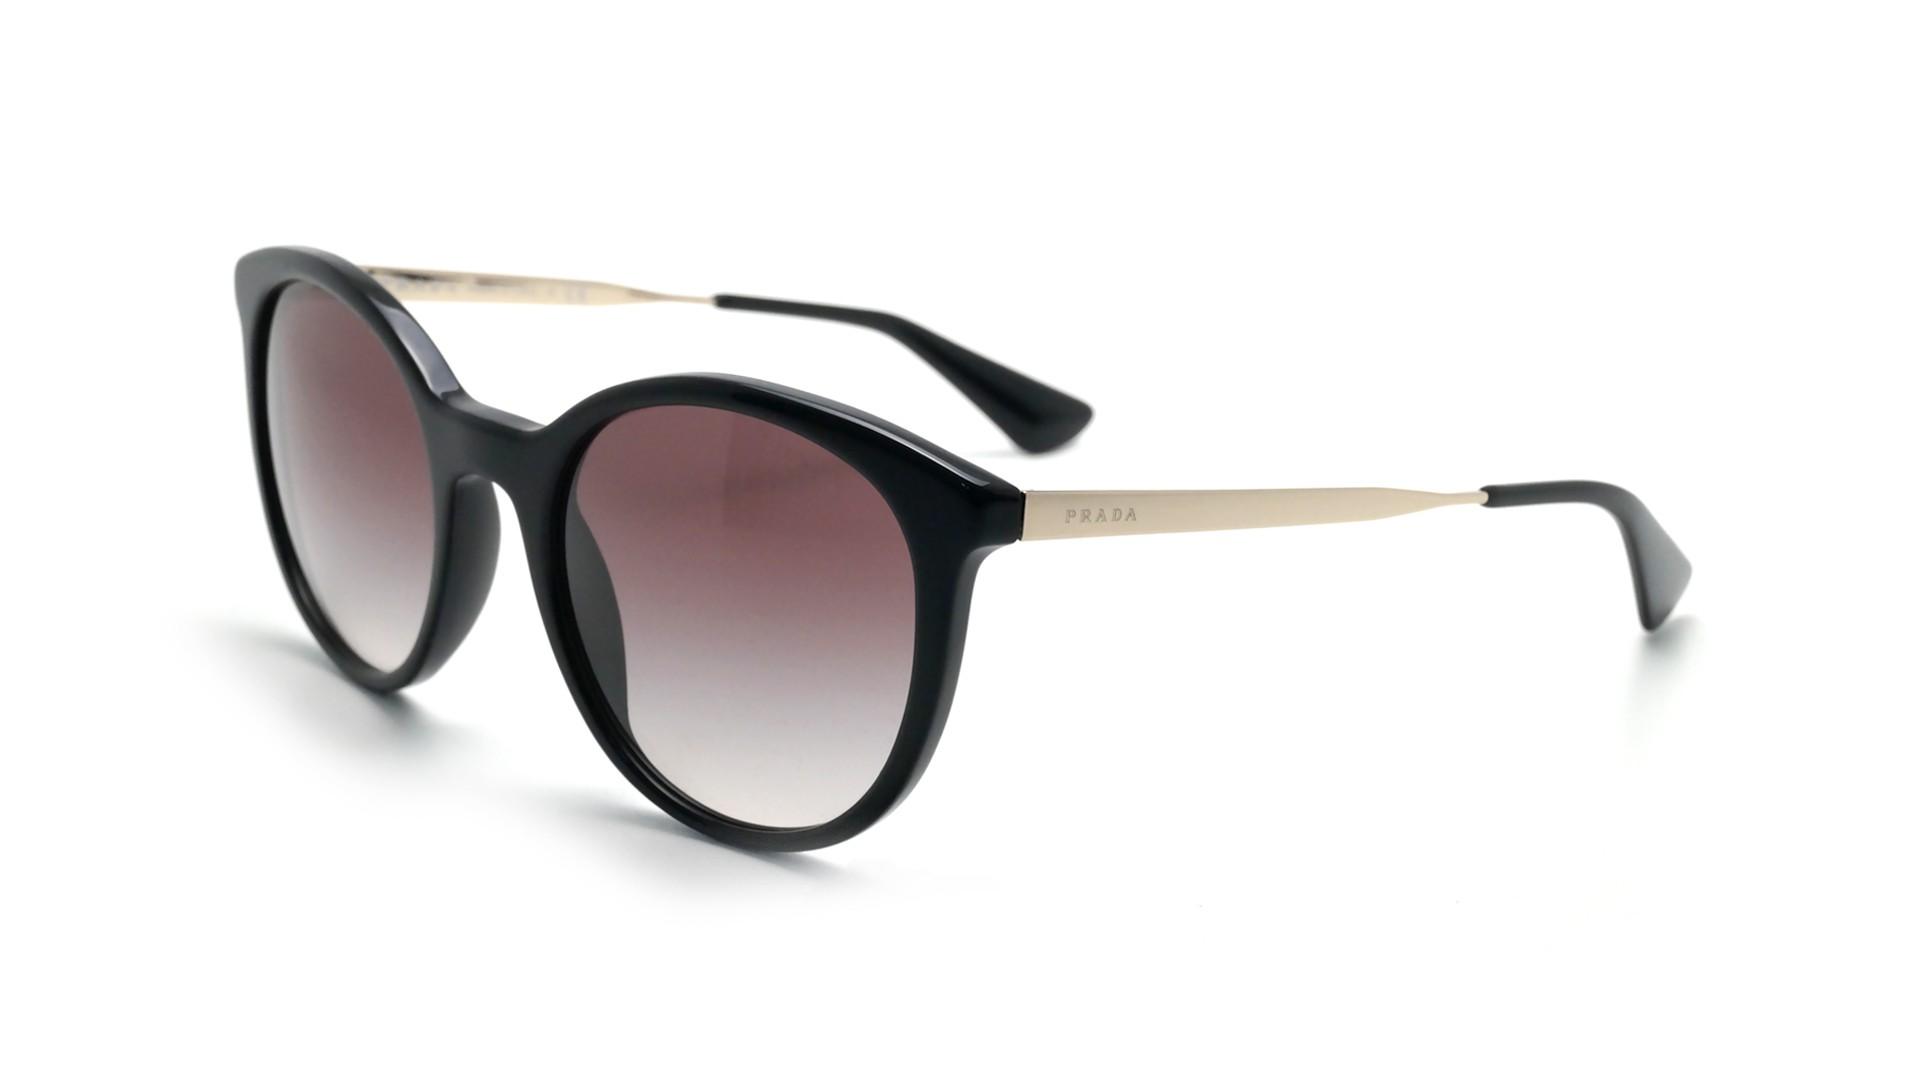 6bb3f5a3ede3e Sunglasses Prada PR17SS 1ab0a7 53-21 Black Medium Degraded